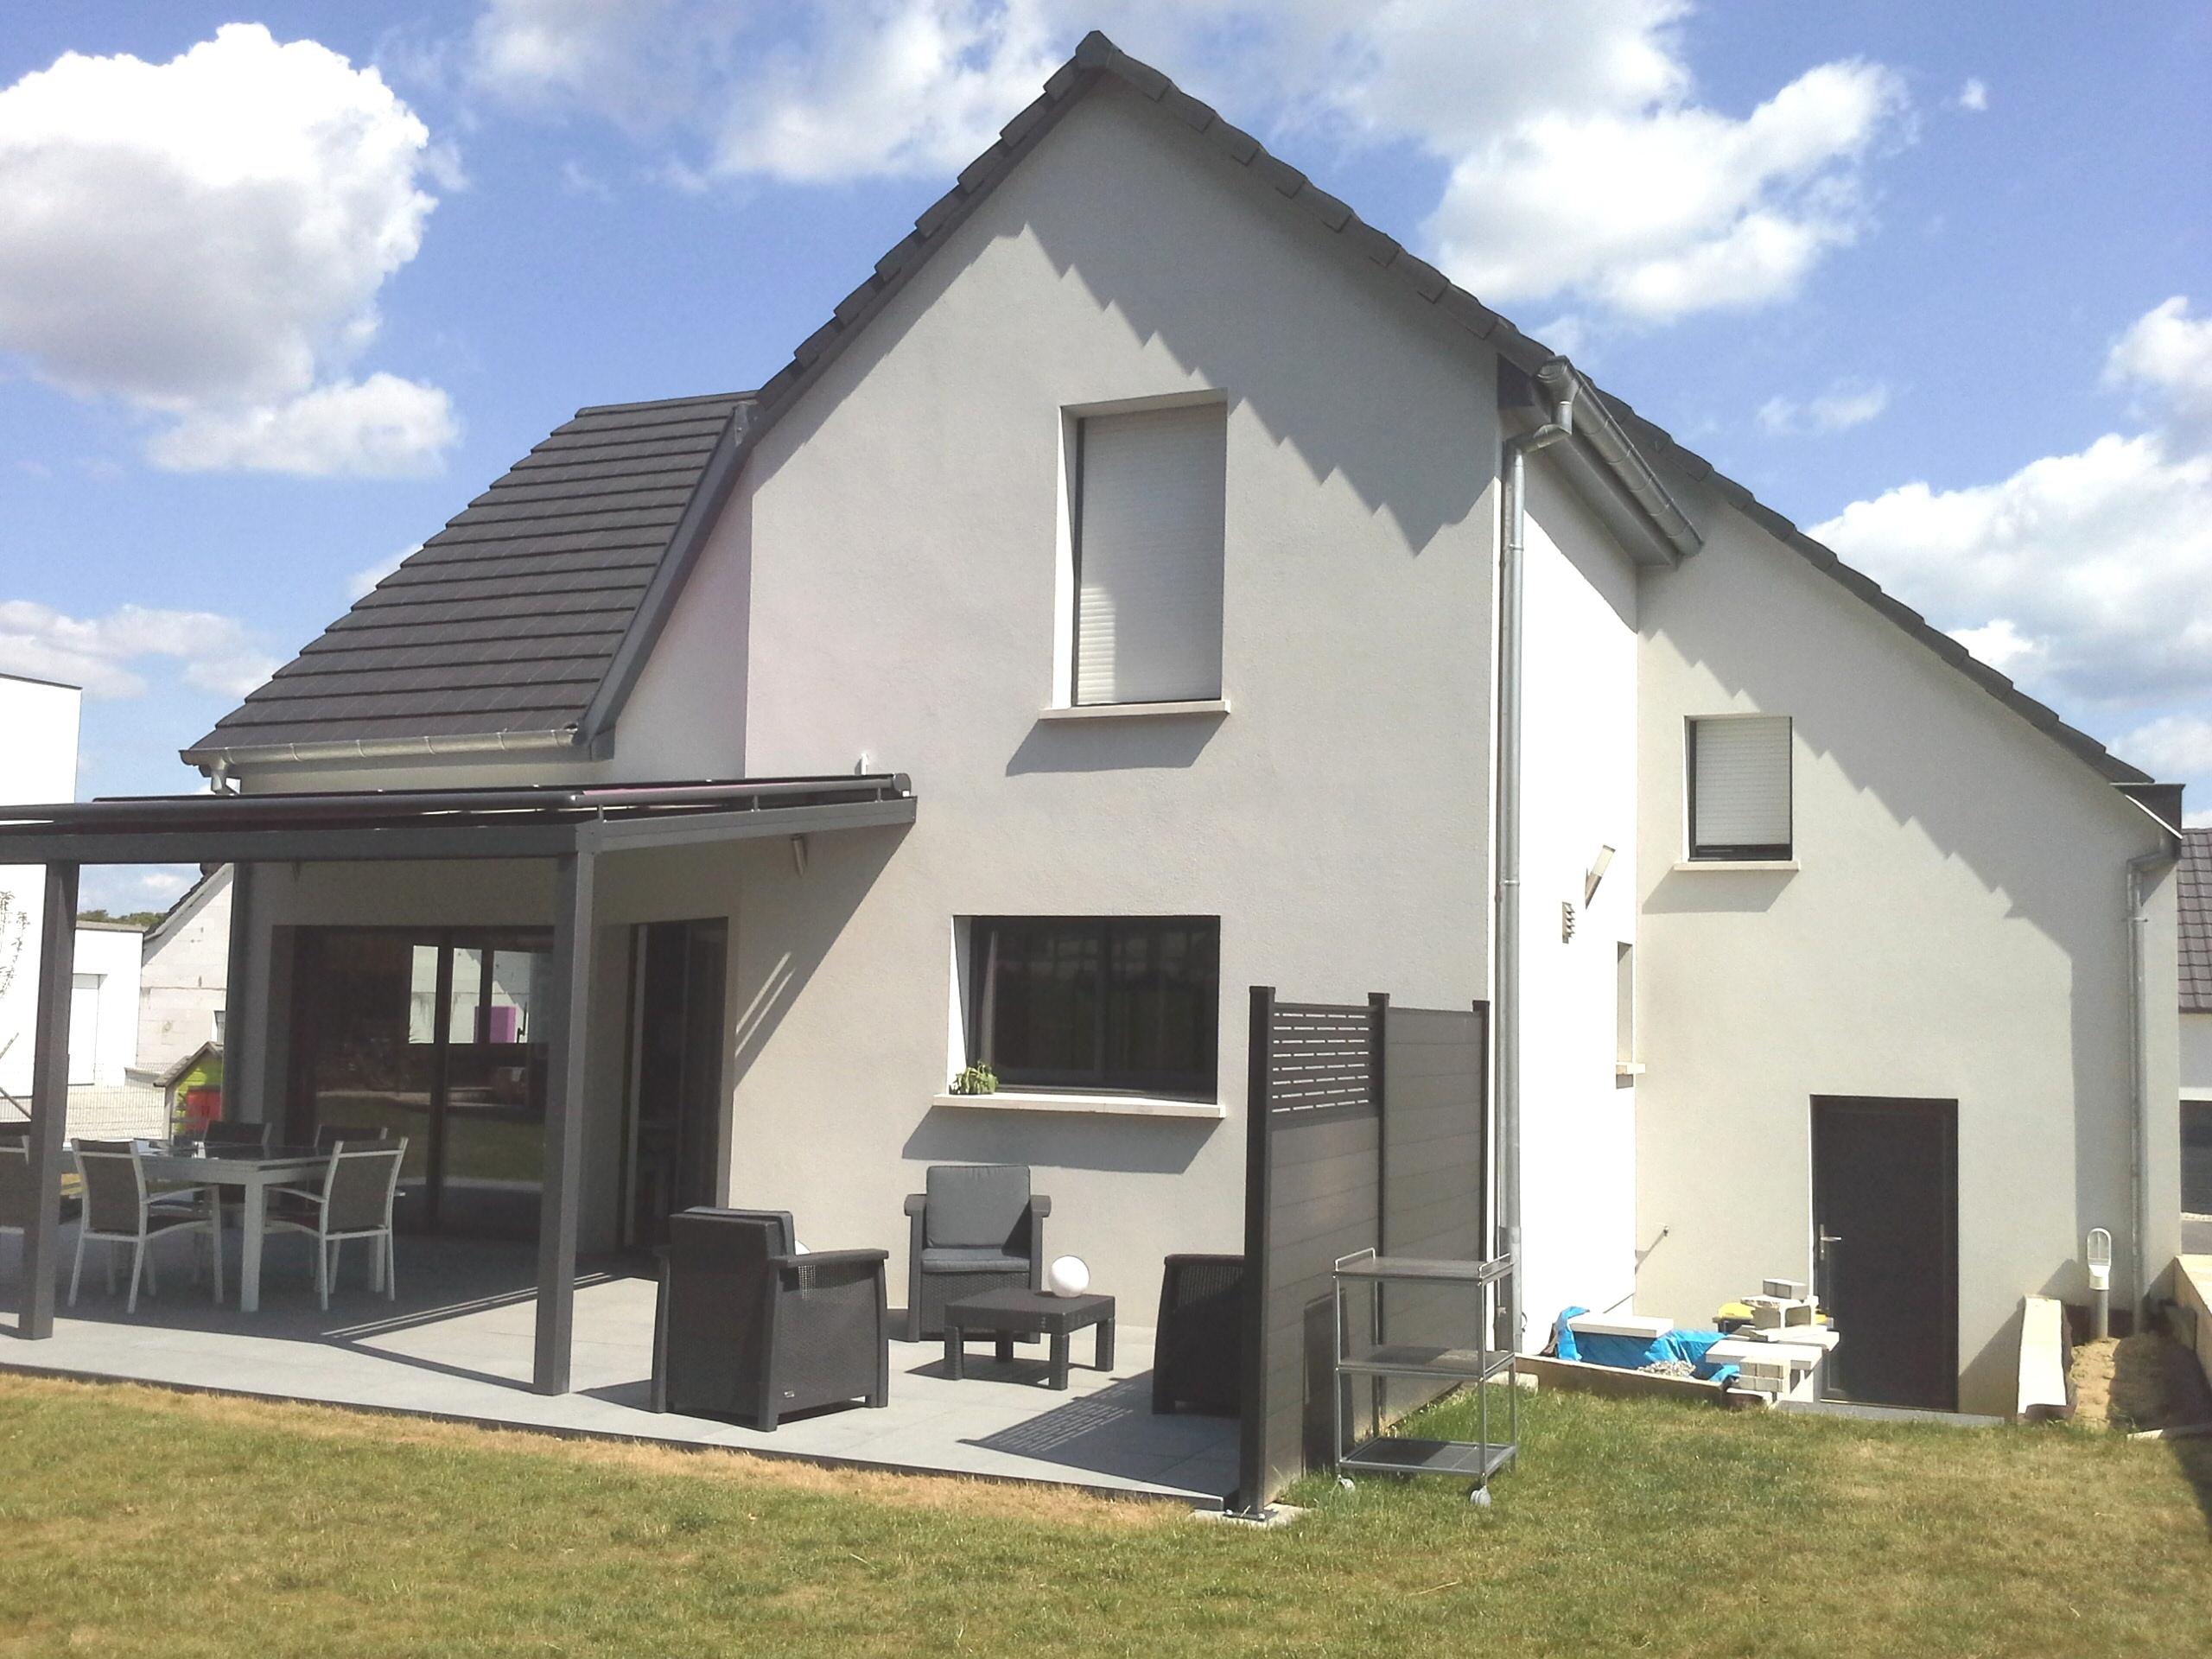 Constructeur Maison Individuelle Bas Rhin